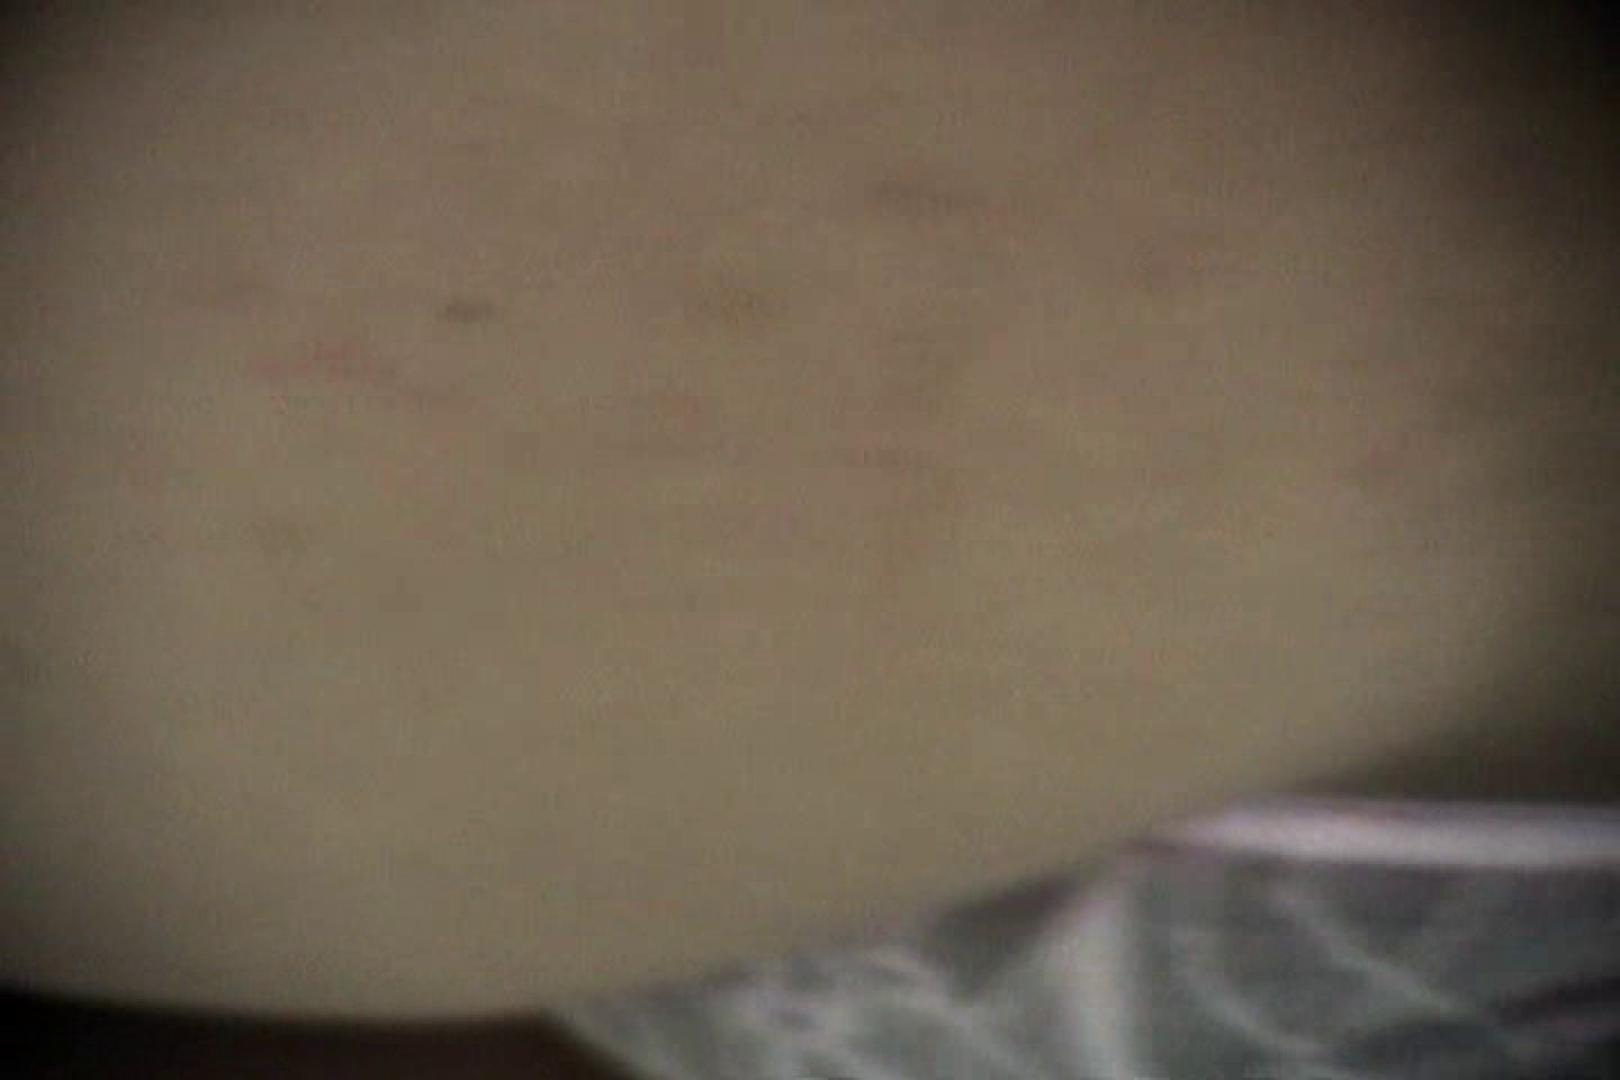 がぶりより!!ムレヌレパンツVol.5 接写 盗撮エロ画像 89画像 72